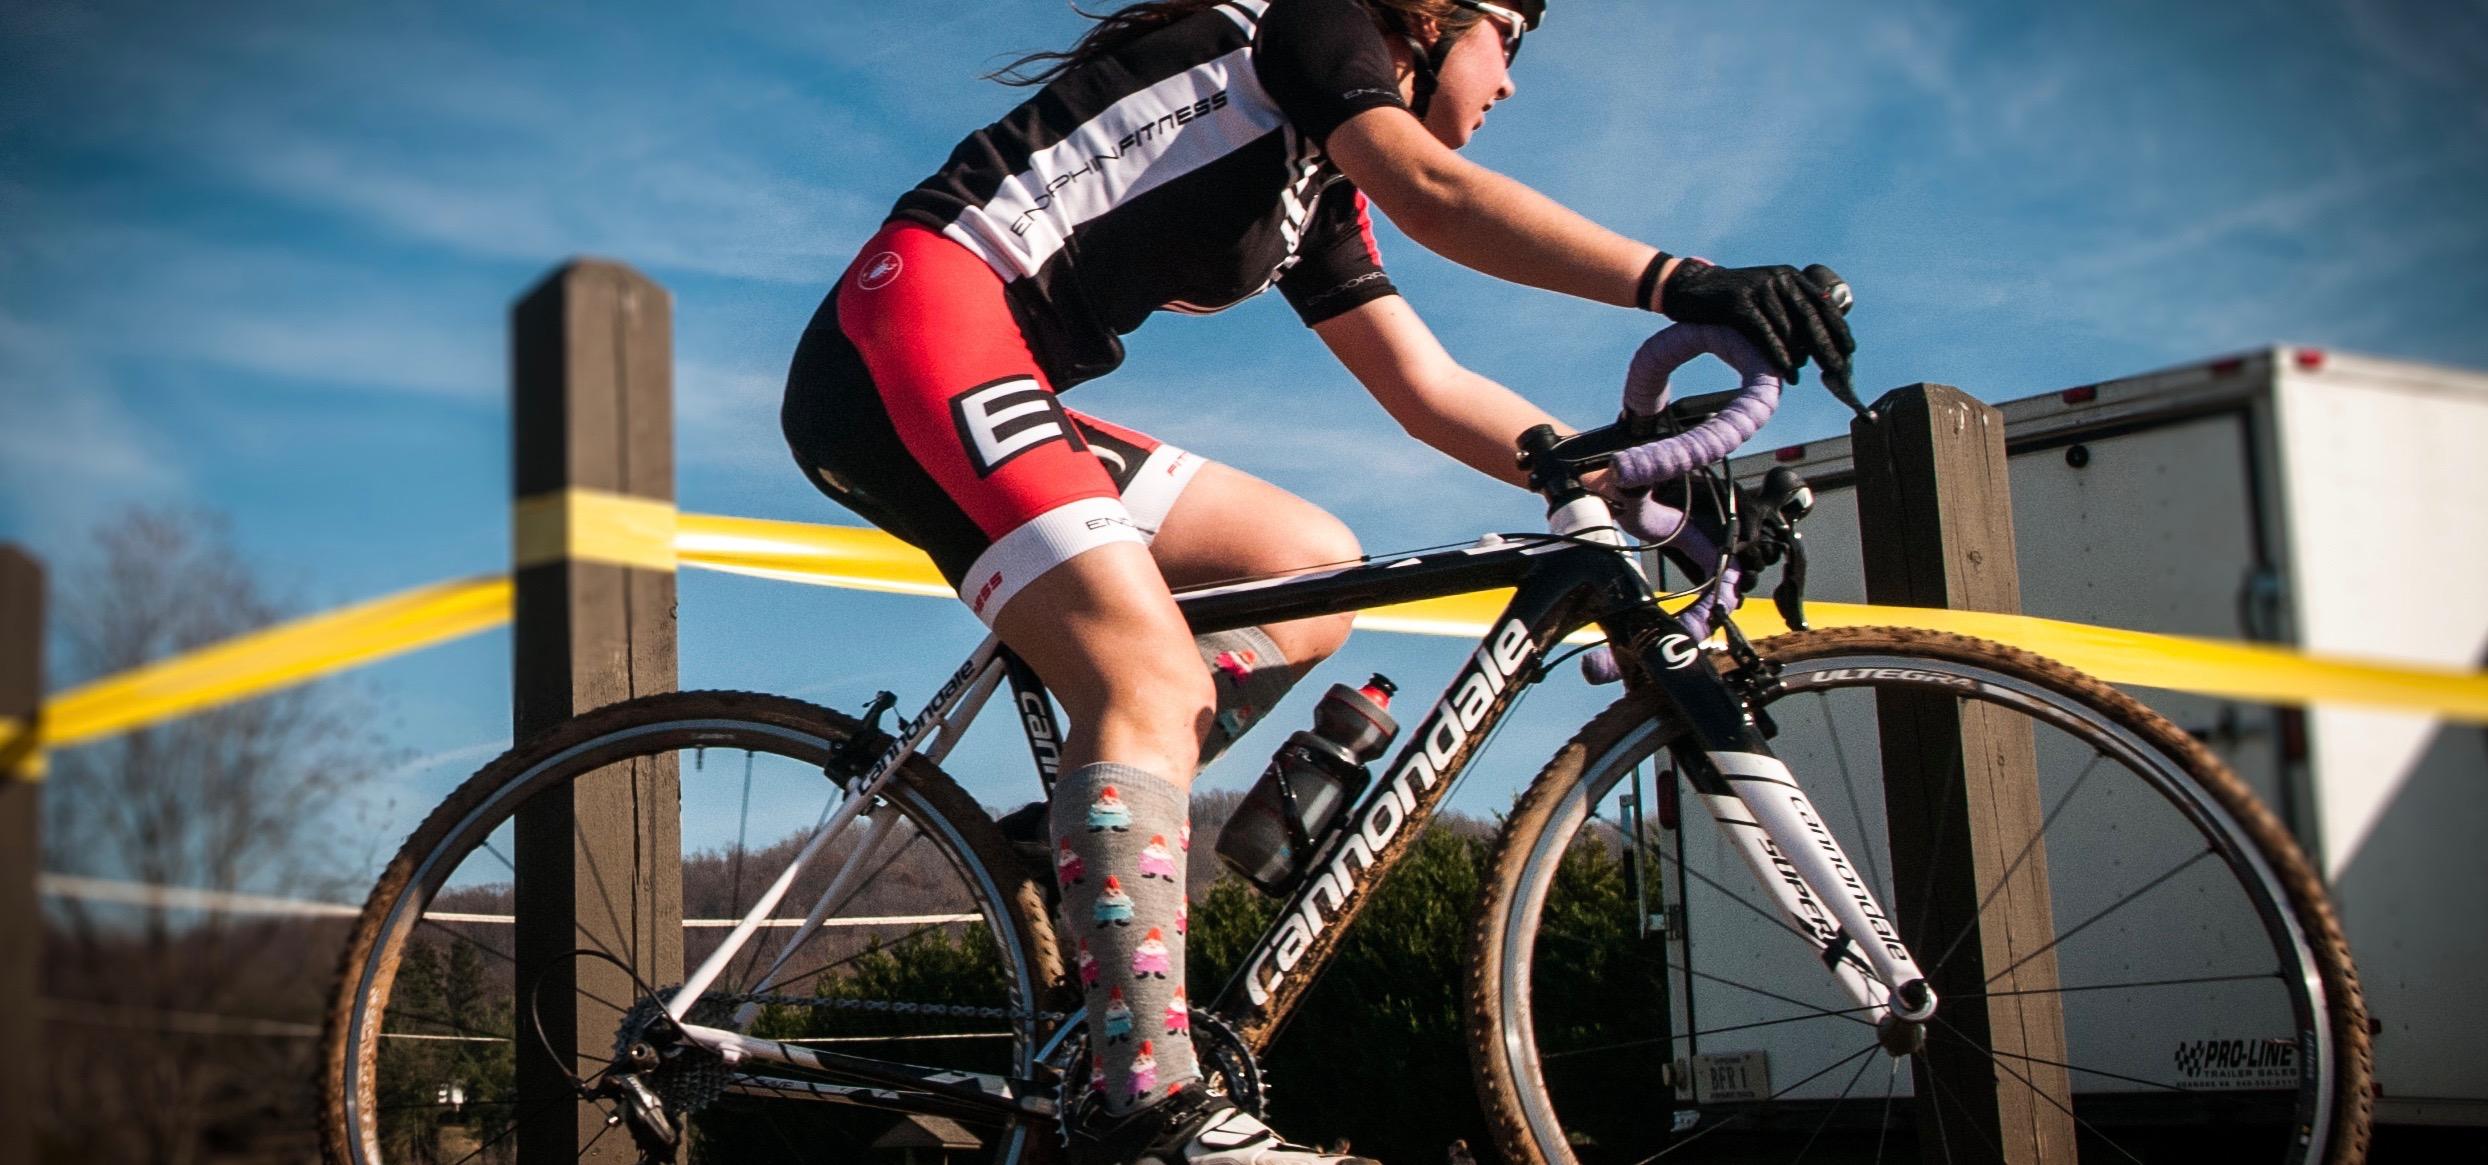 Autrefois associées aux bas des grand-mères, les chaussettes de contention sont aujourd'hui très appréciées par les adeptes du vélo. Voici leurs bénéfices!